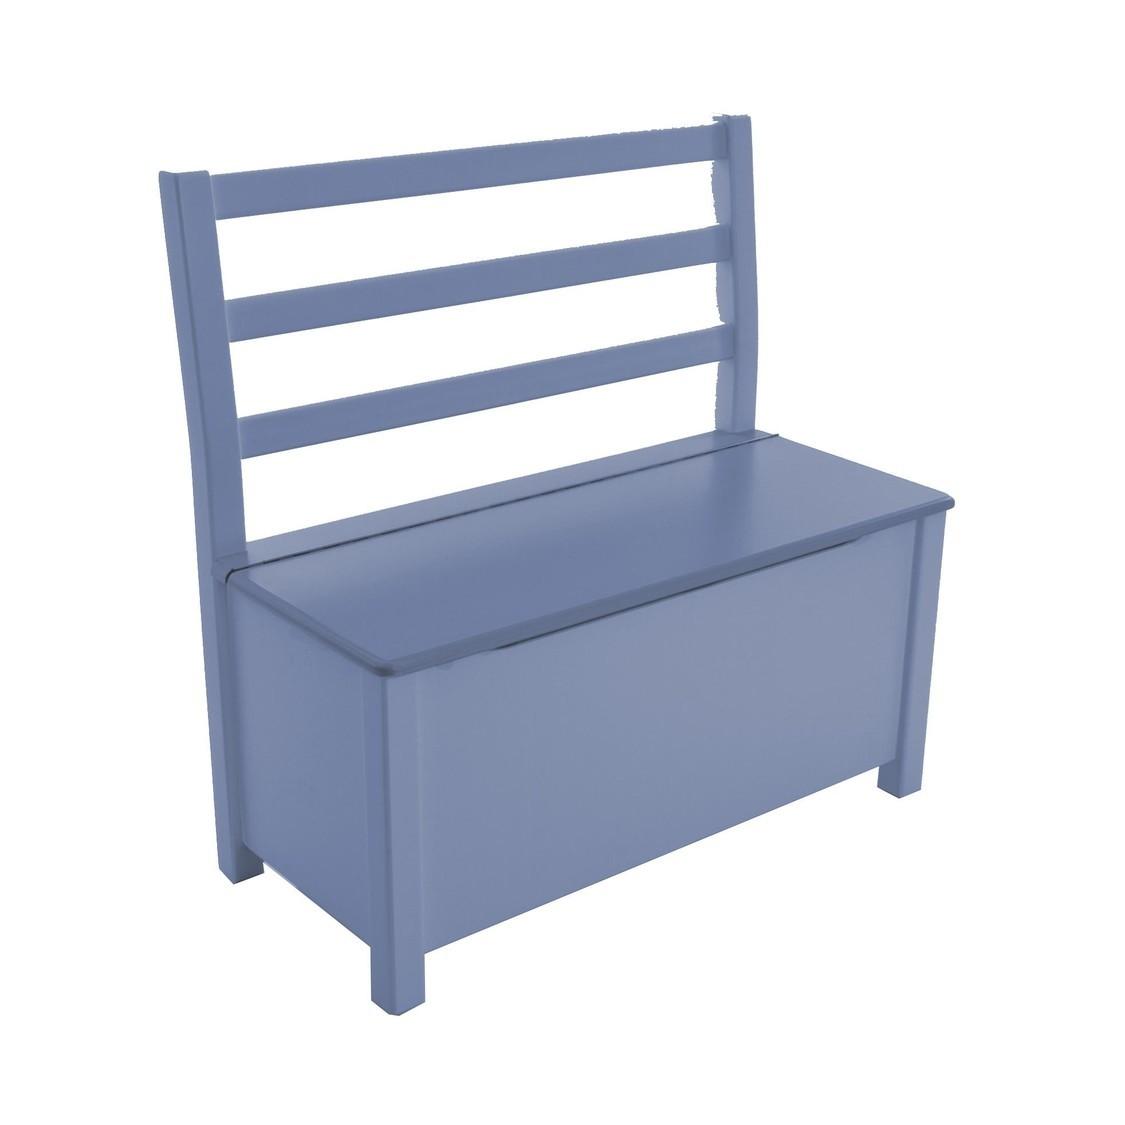 kinderbank mit truhe kinderbank truhe awesome schuhtruhe. Black Bedroom Furniture Sets. Home Design Ideas